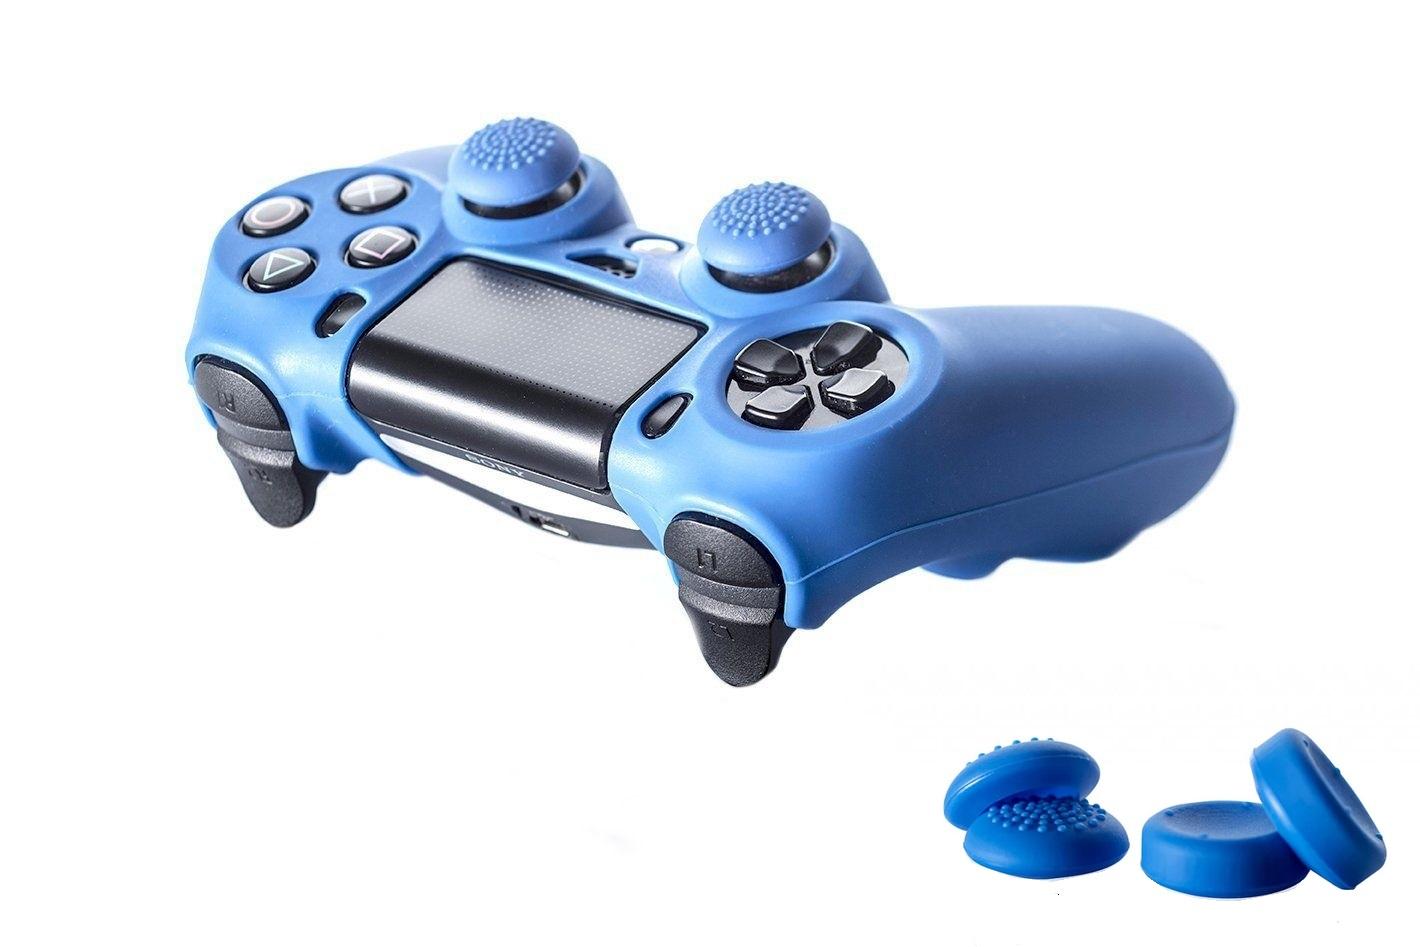 Set Husa silicon + 4 Thumb grips pentru controller PS4 - 60469